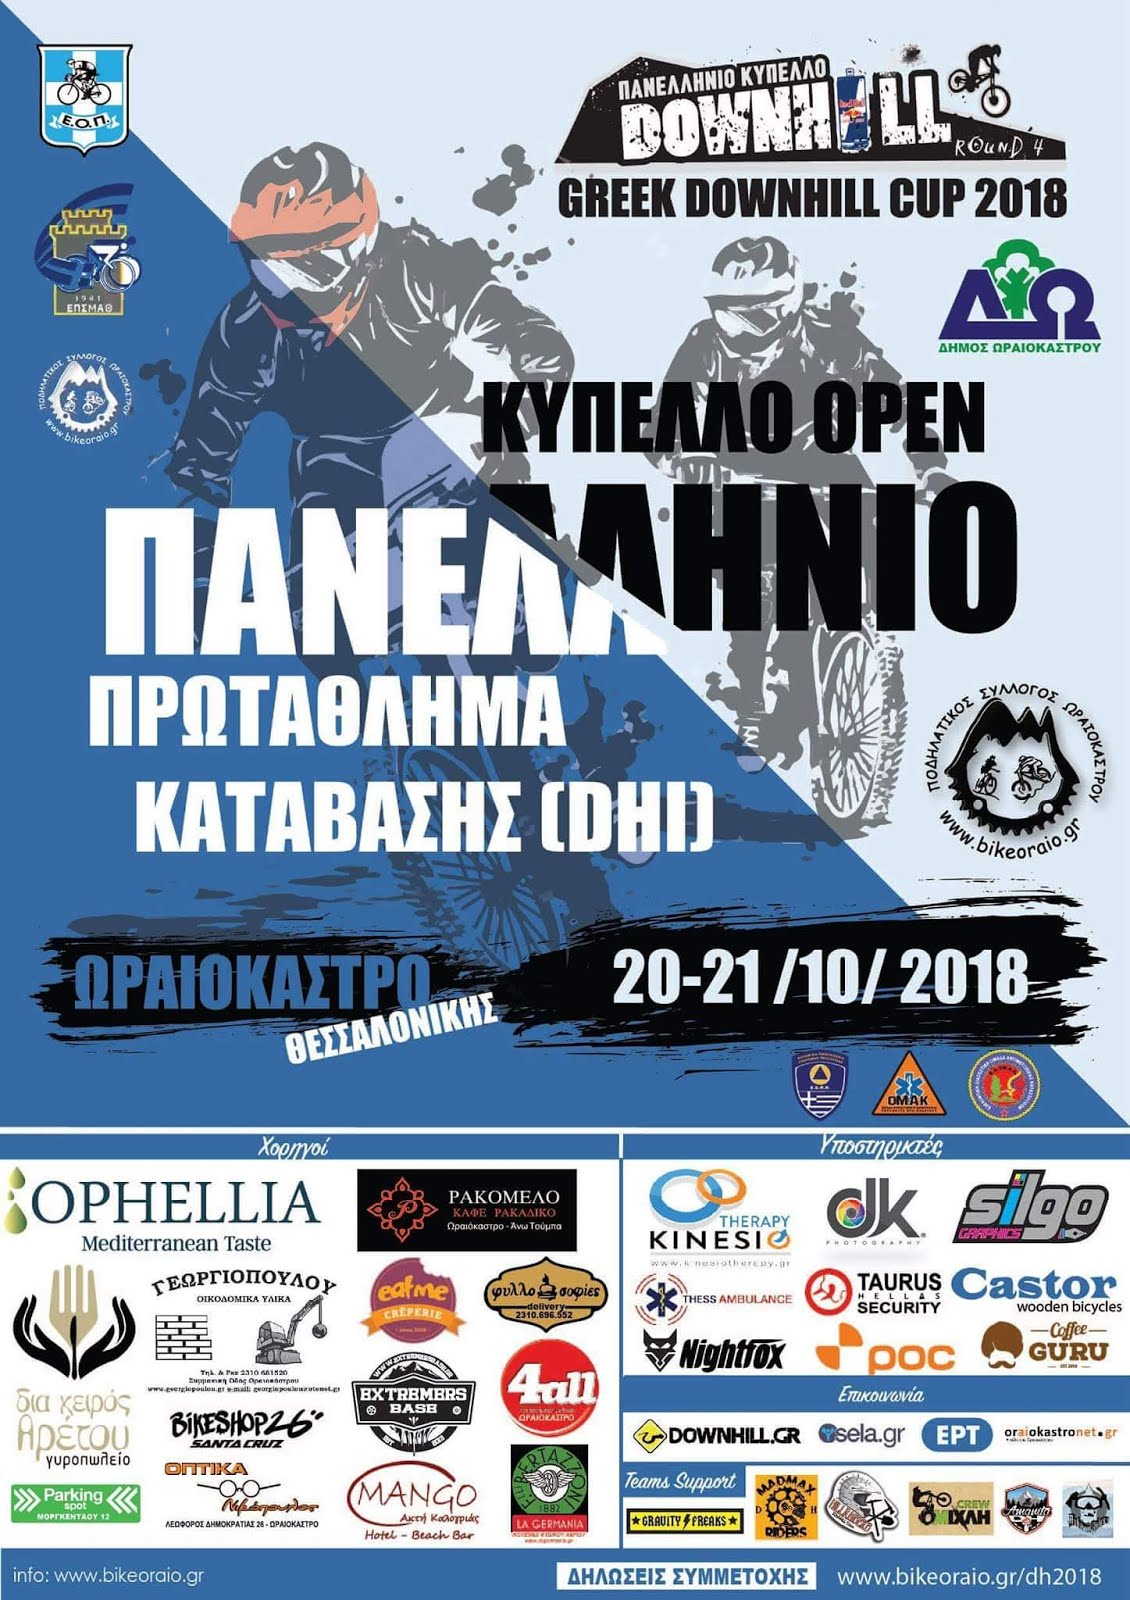 Πανελλήνιο Αγώνα Downhill Κύπελλο - Πρωτάθλημα, στο Ωραιόκαστρο στις 20-21 Οκτωβρίου 2018.